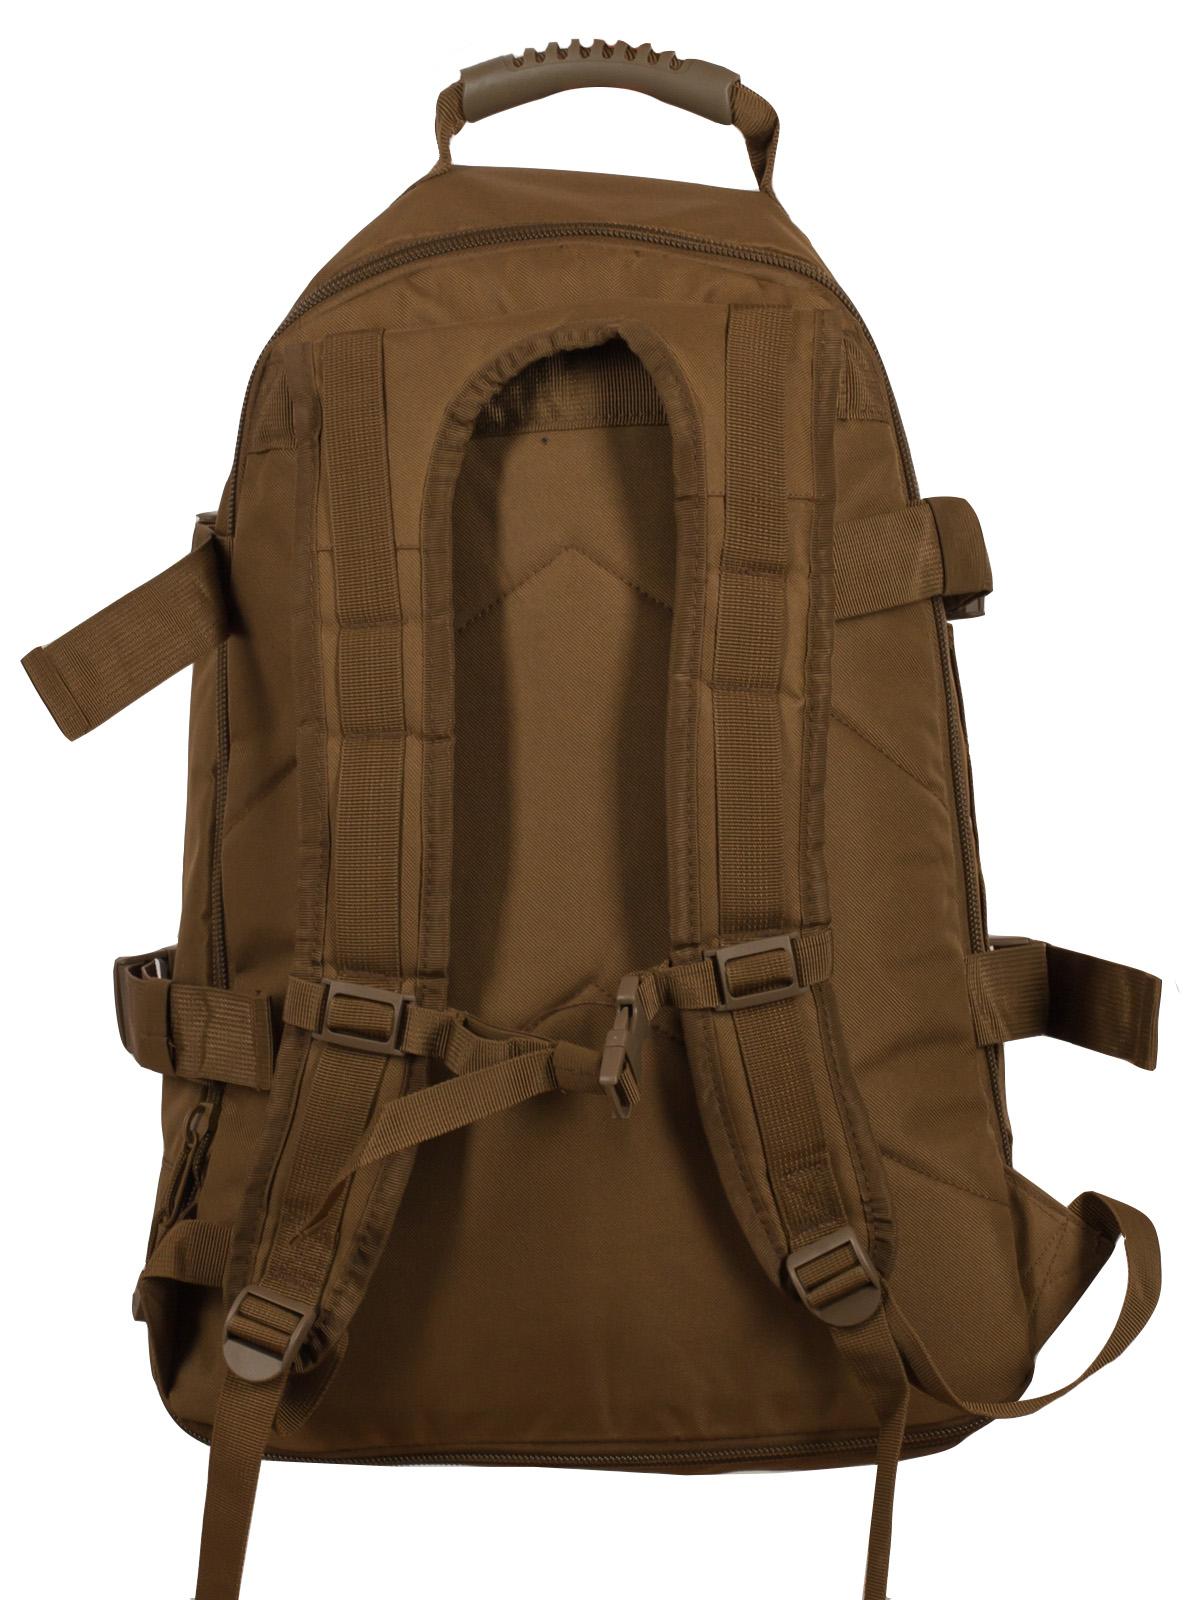 Стильный рюкзак для мужчины с нашивкой Русская Охота - заказать в розницу